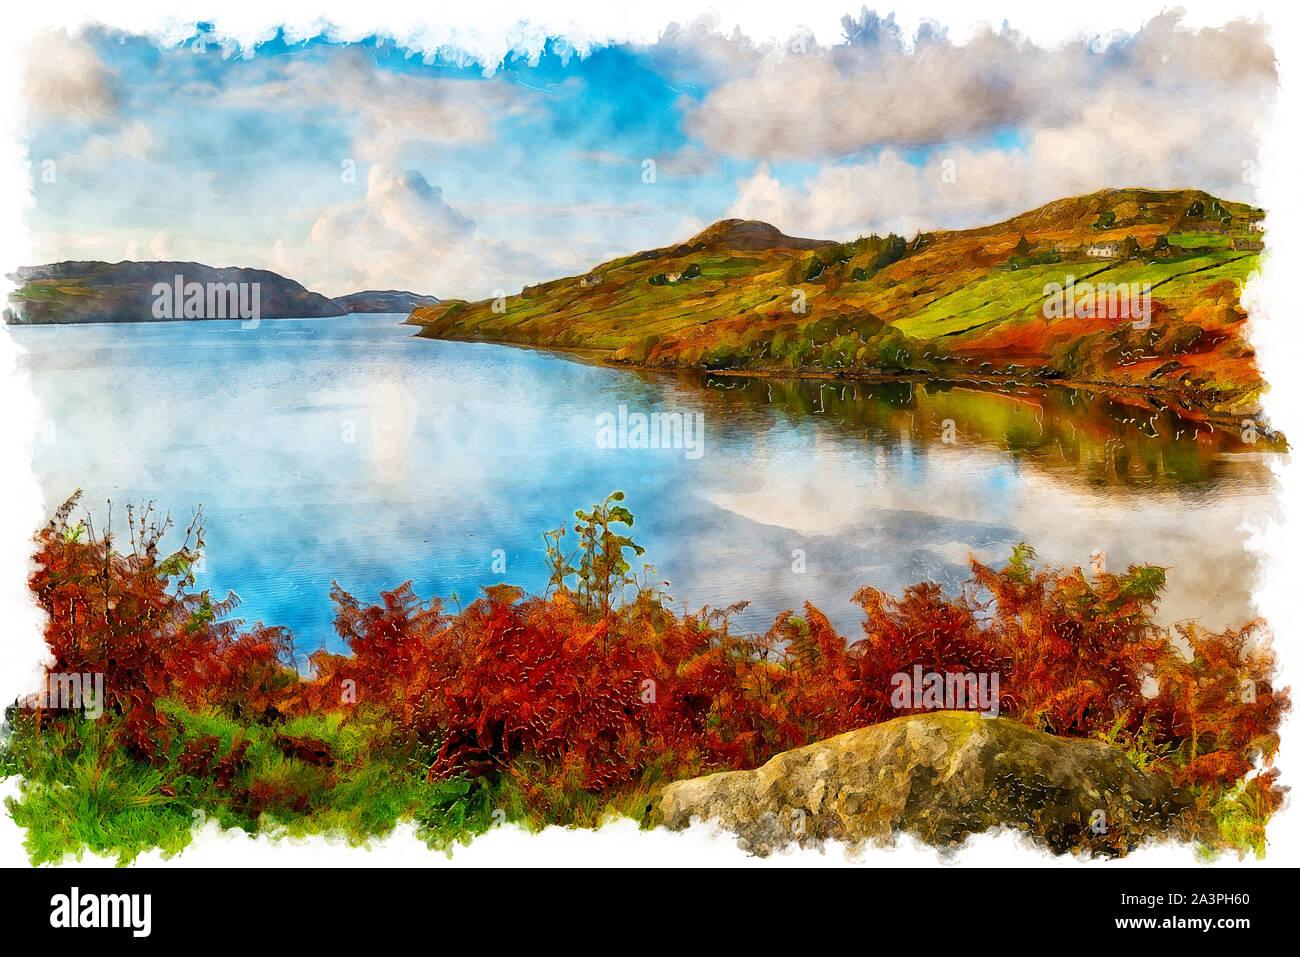 La pittura ad acquerello del Loch Inchard a Kinlochbervie nelle Highlands della Scozia Foto Stock